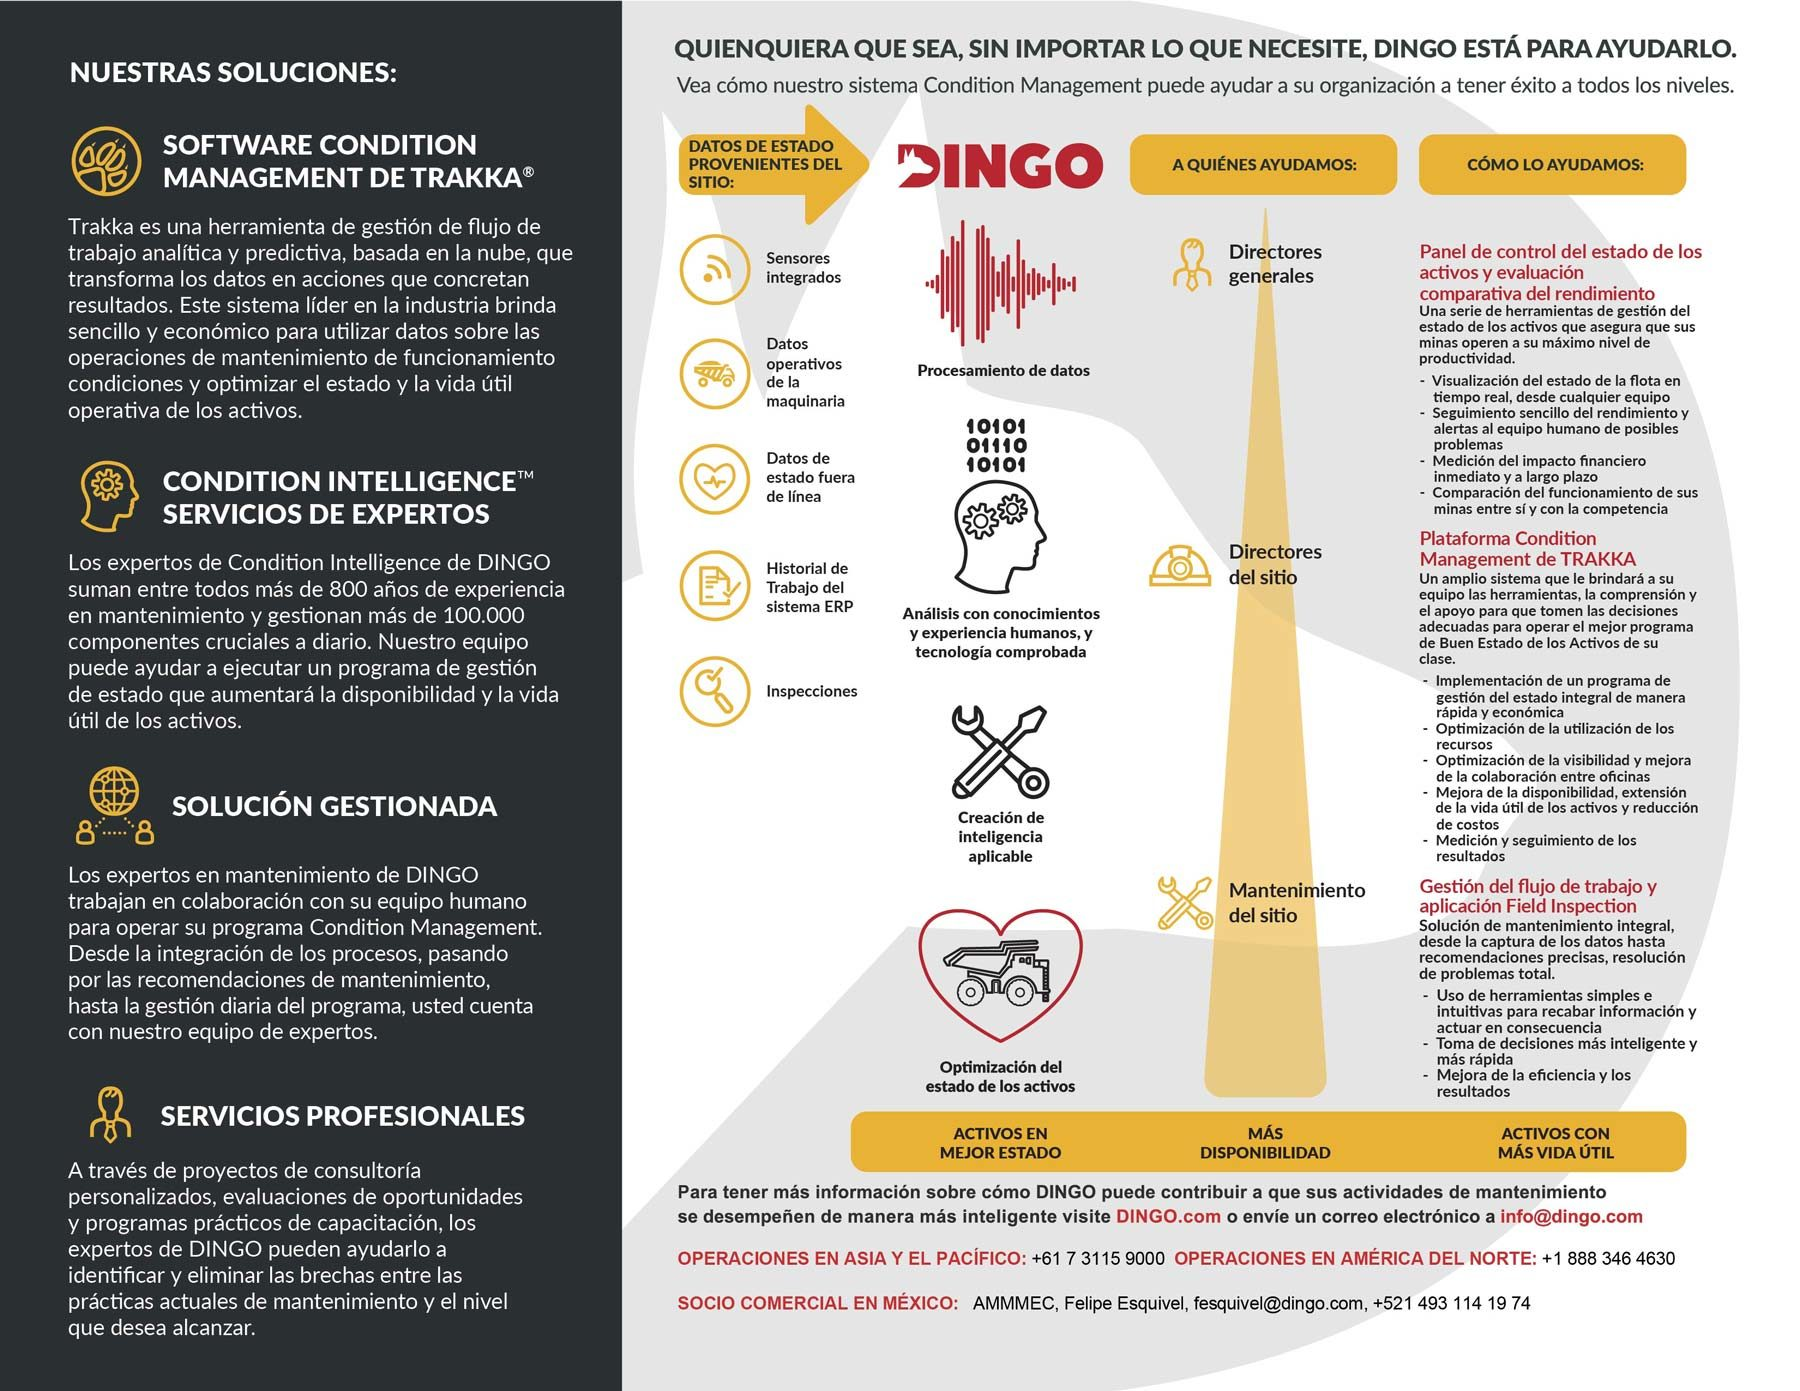 Soluciones-Dingo-2